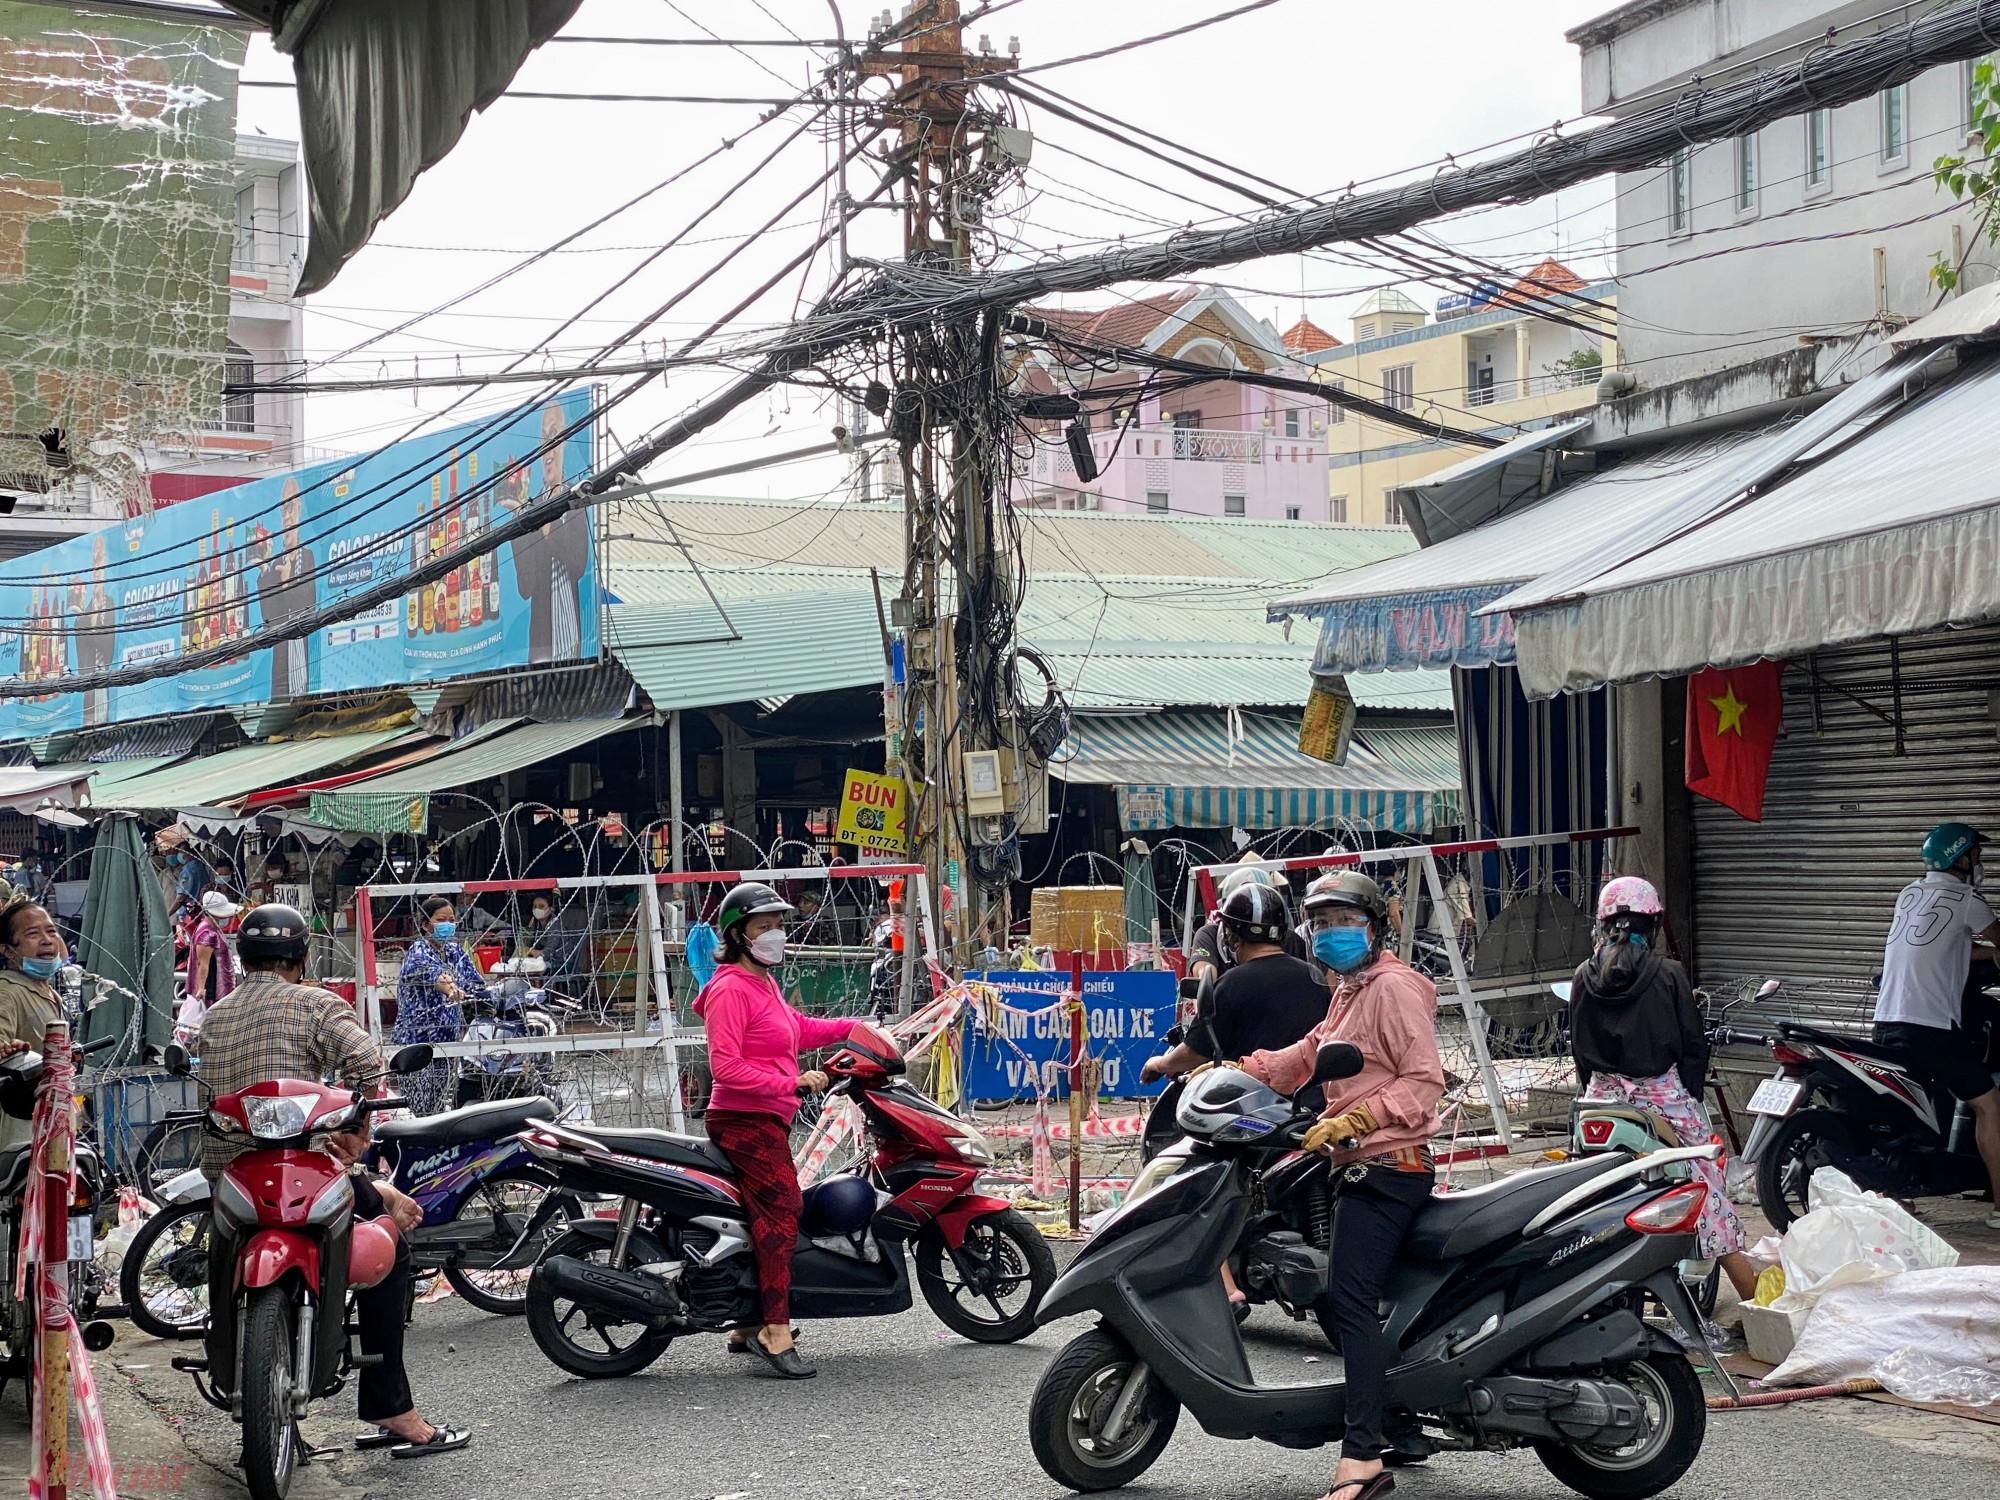 Trong khi lối vào chợ vẫn bị rào, chợ Bà Chiểu (quận Bình Thạnh, TPHCM) vẫn chưa mở hết để hoạt động, tuy nhiên tại các điểm bán tự phát đường Vũ Tùng,